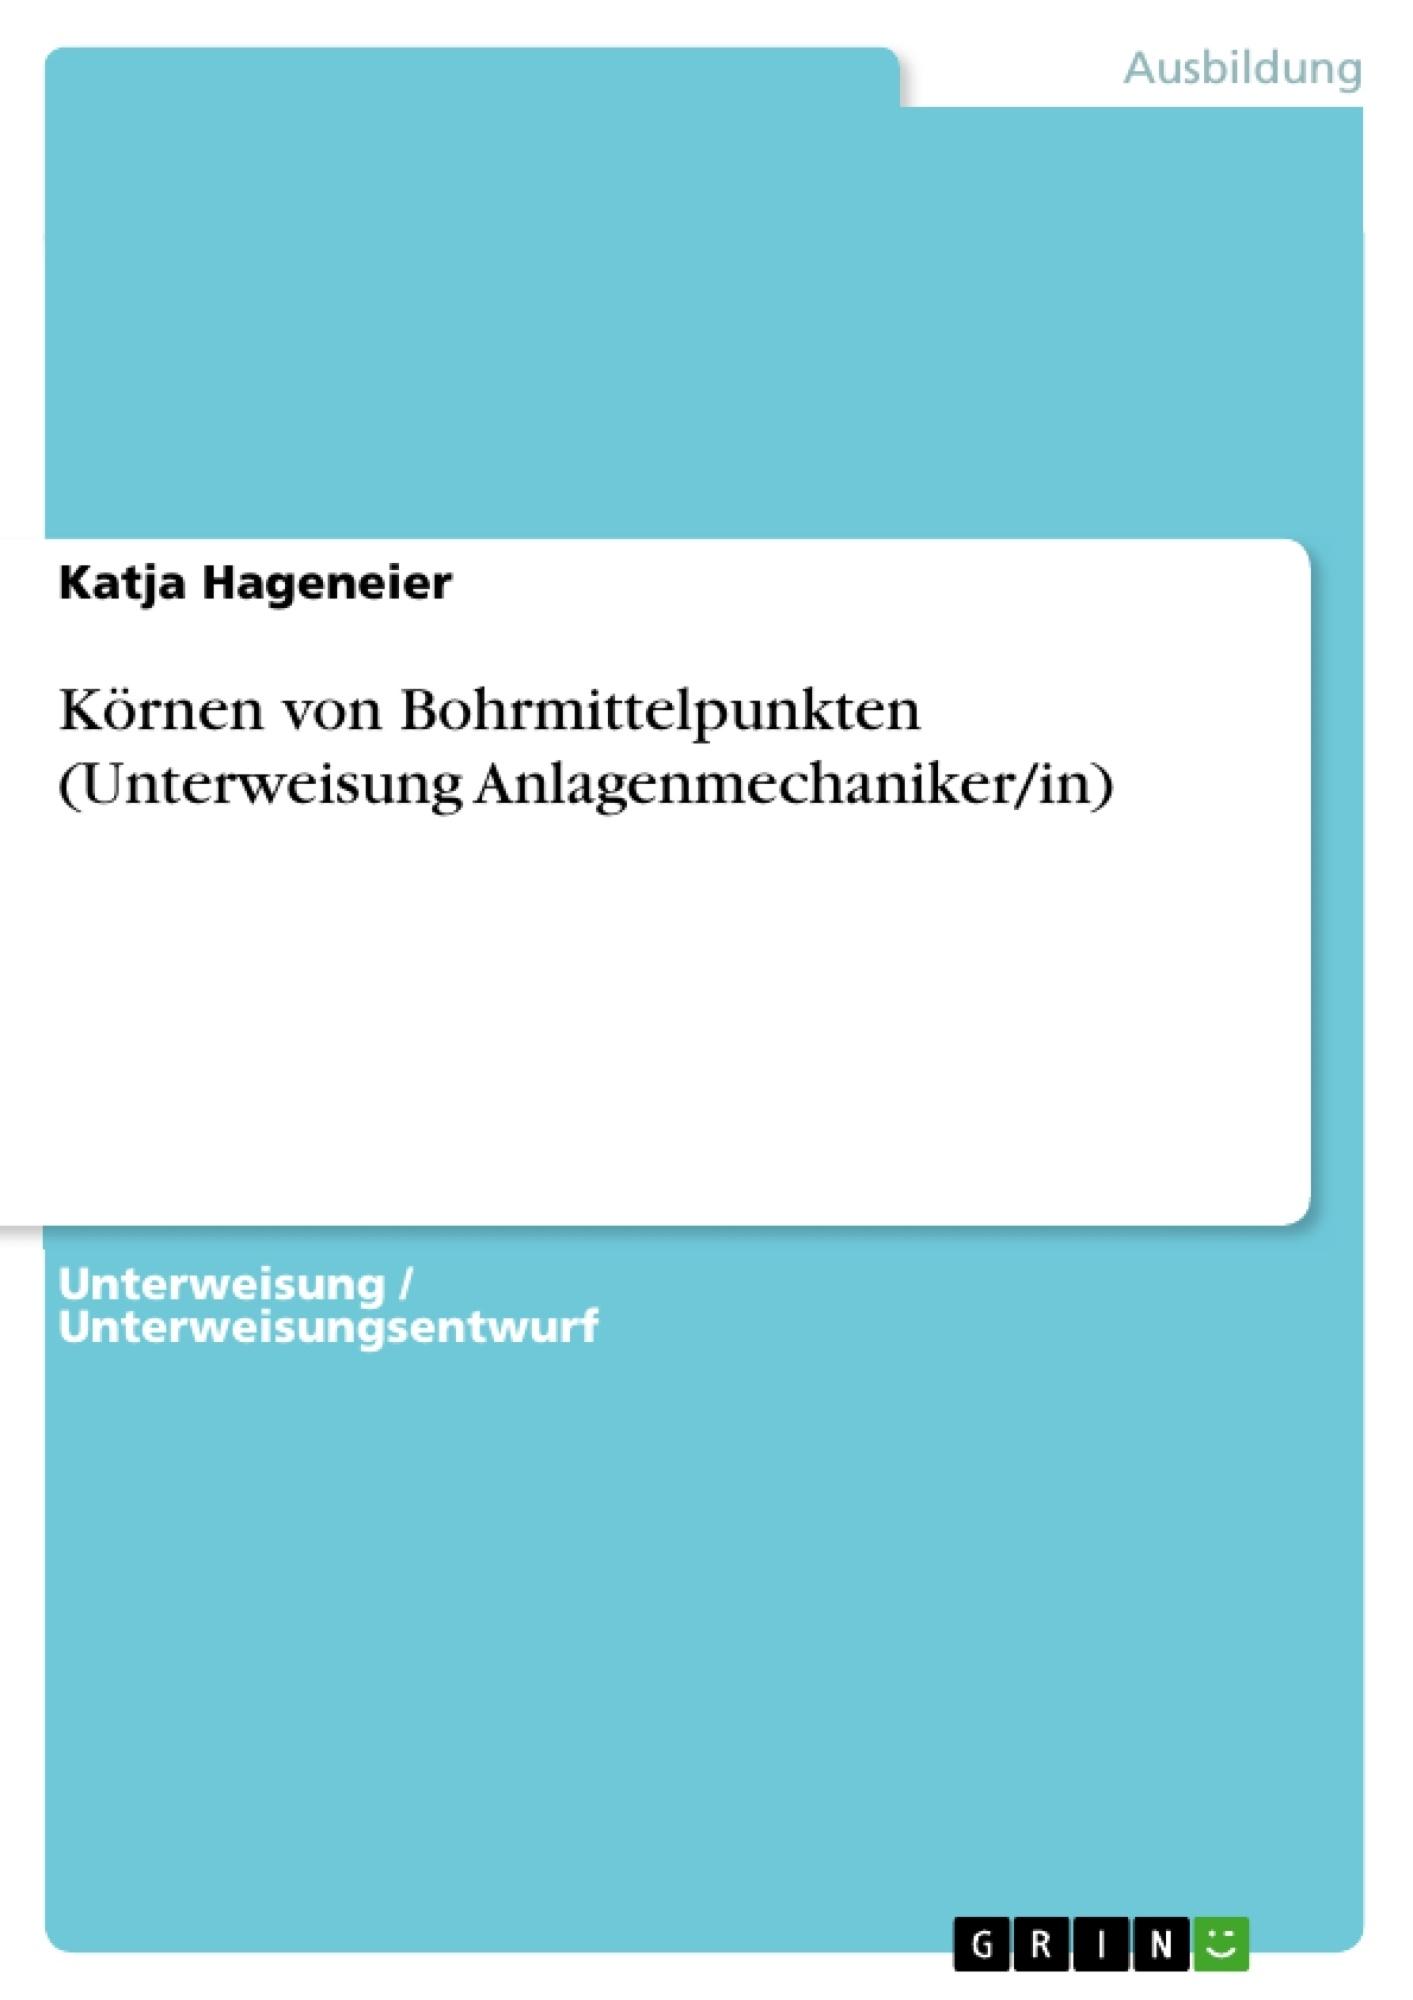 Titel: Körnen von Bohrmittelpunkten (Unterweisung Anlagenmechaniker/in)